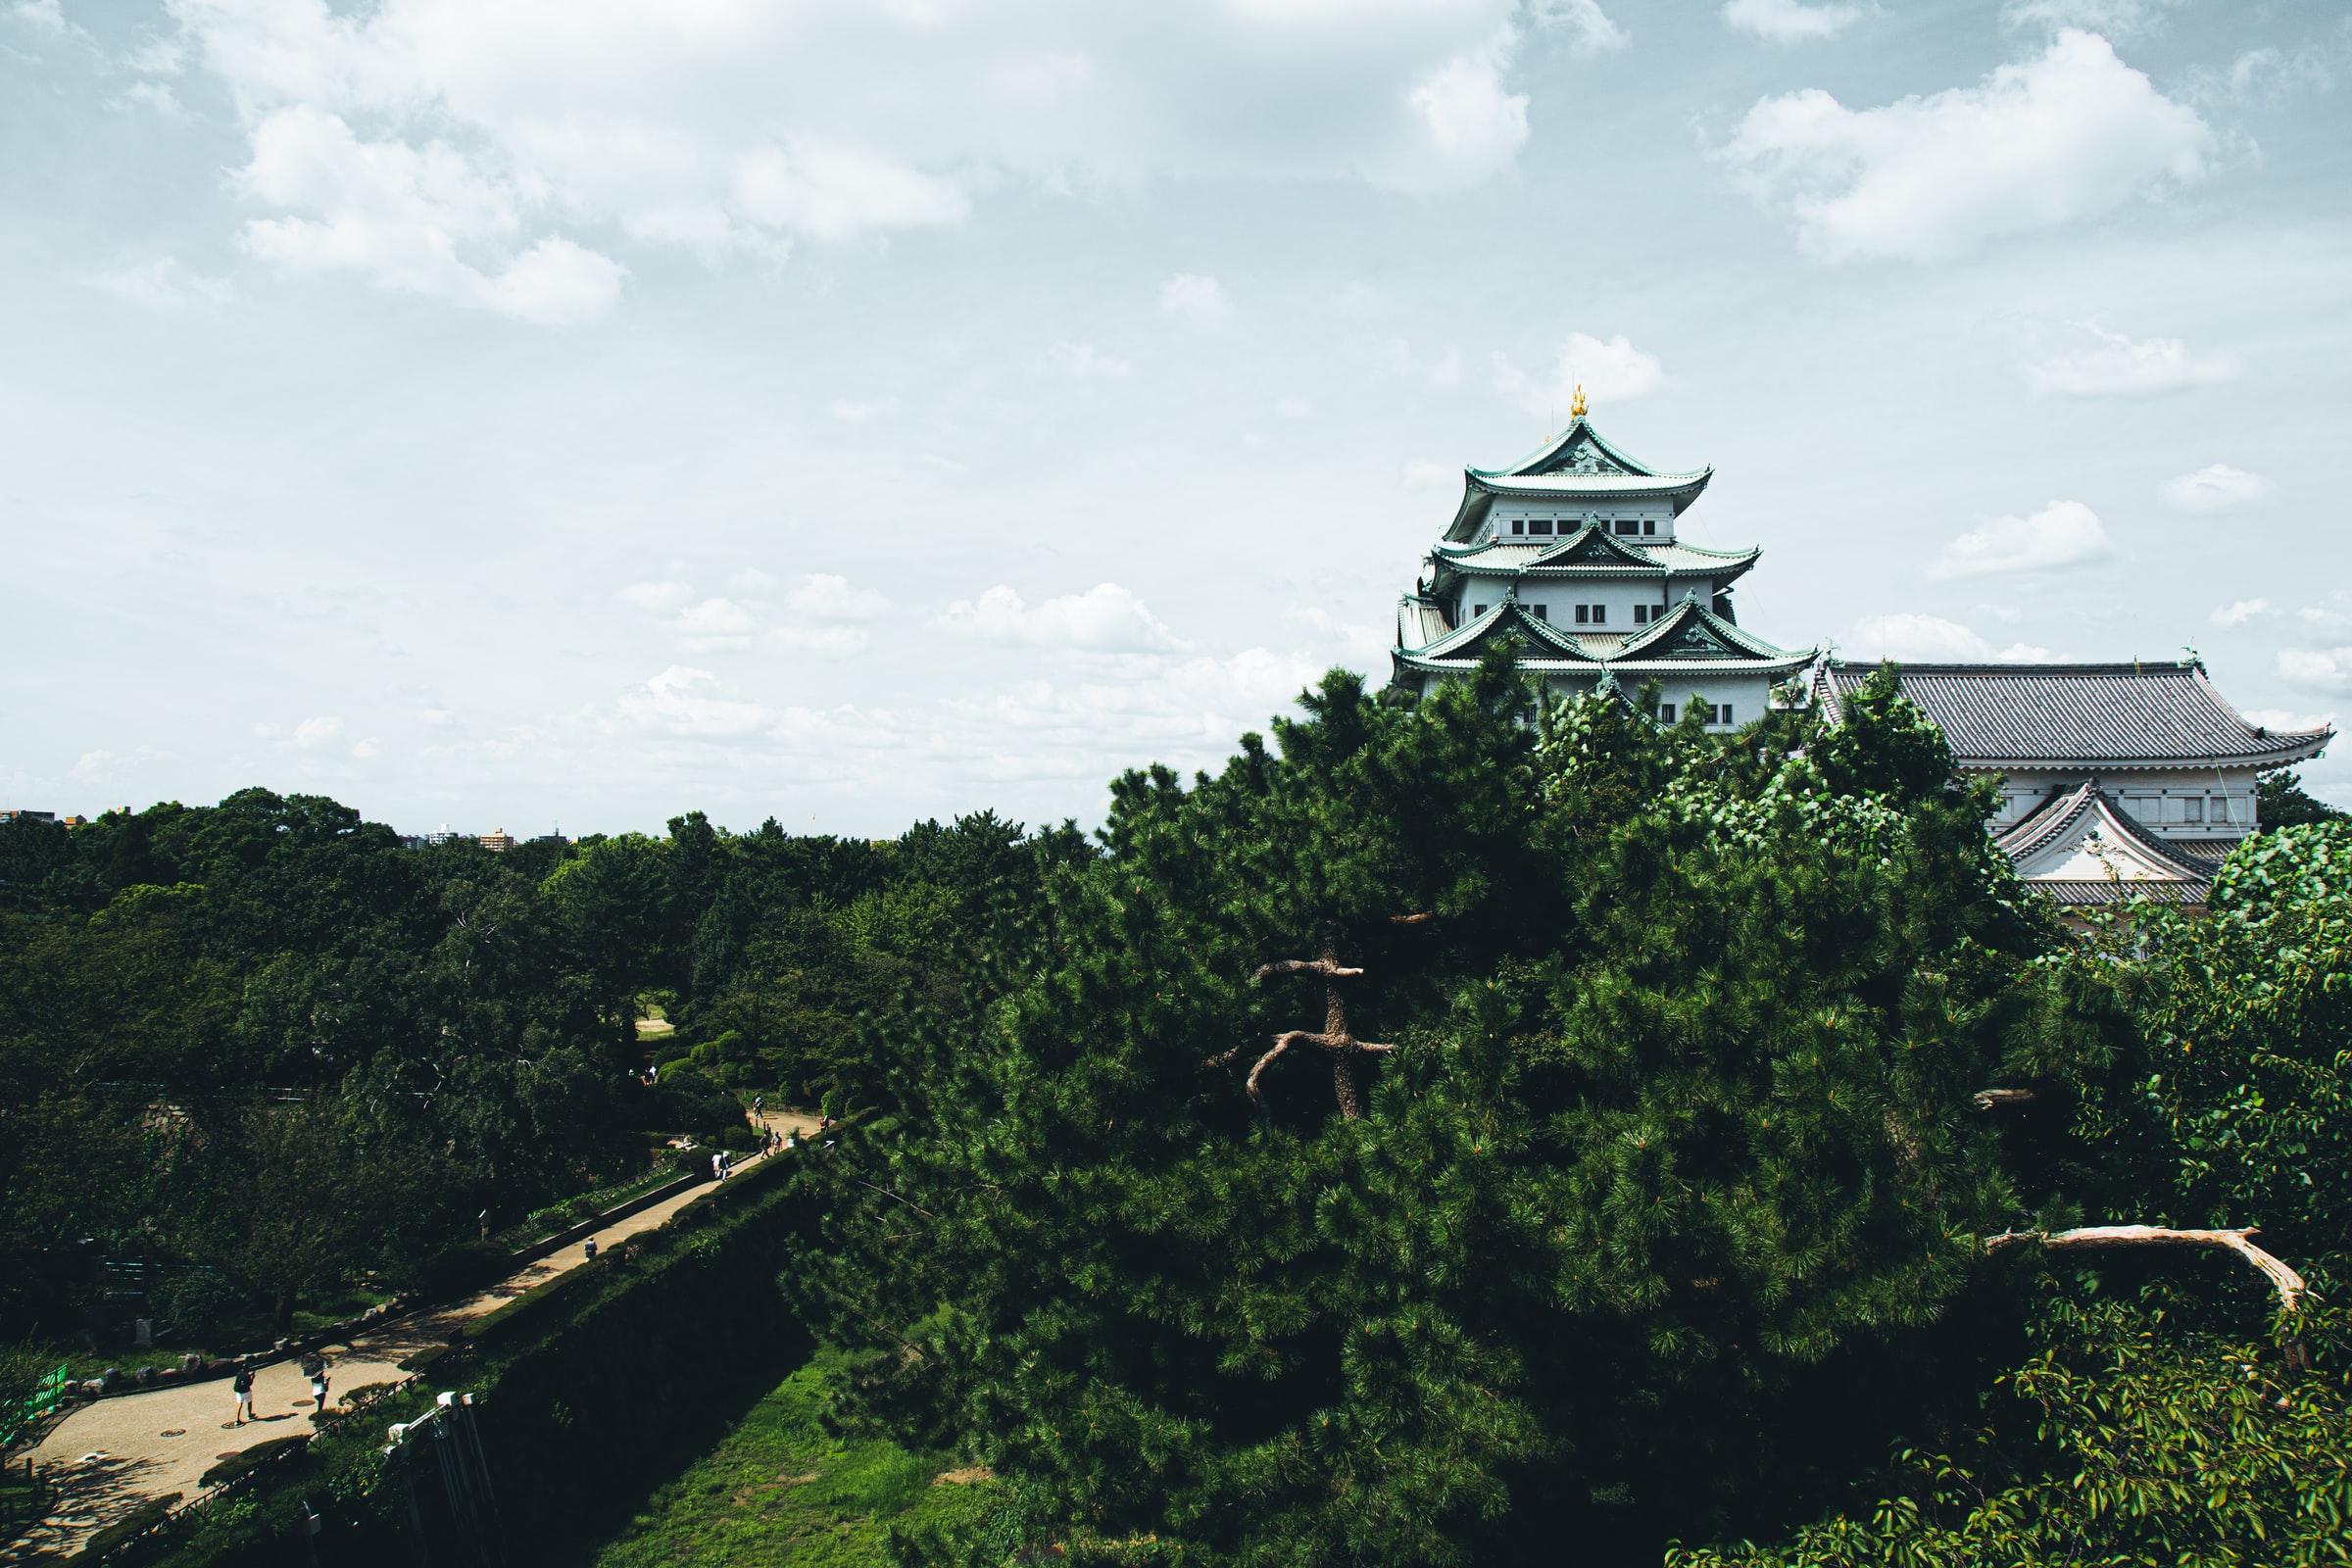 10 Things to do in Nagoya, Japan 09